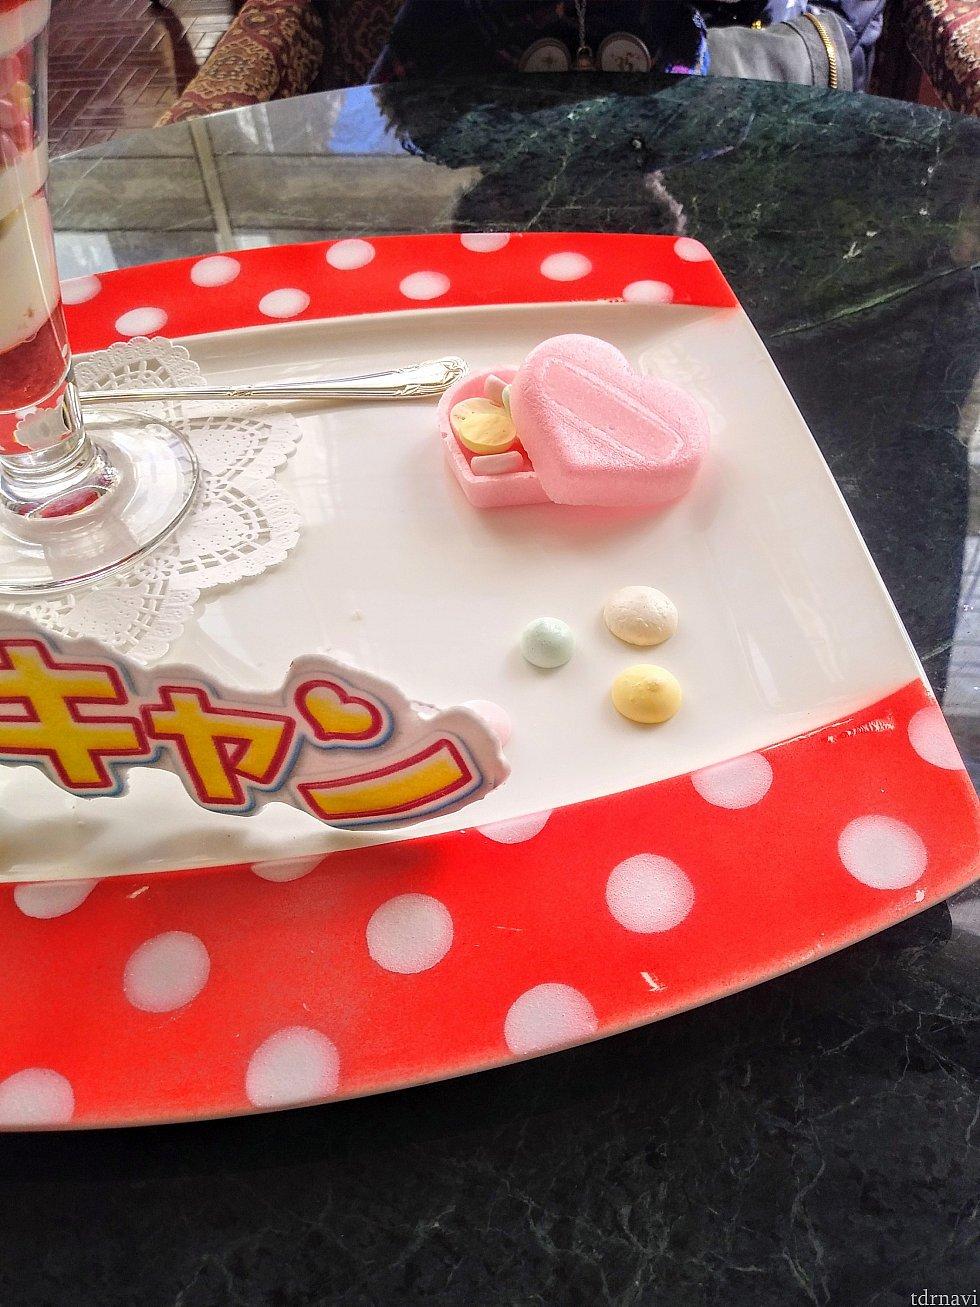 ハート型の最中の中には、カラフルなメレンゲのお菓子が入っていました💕